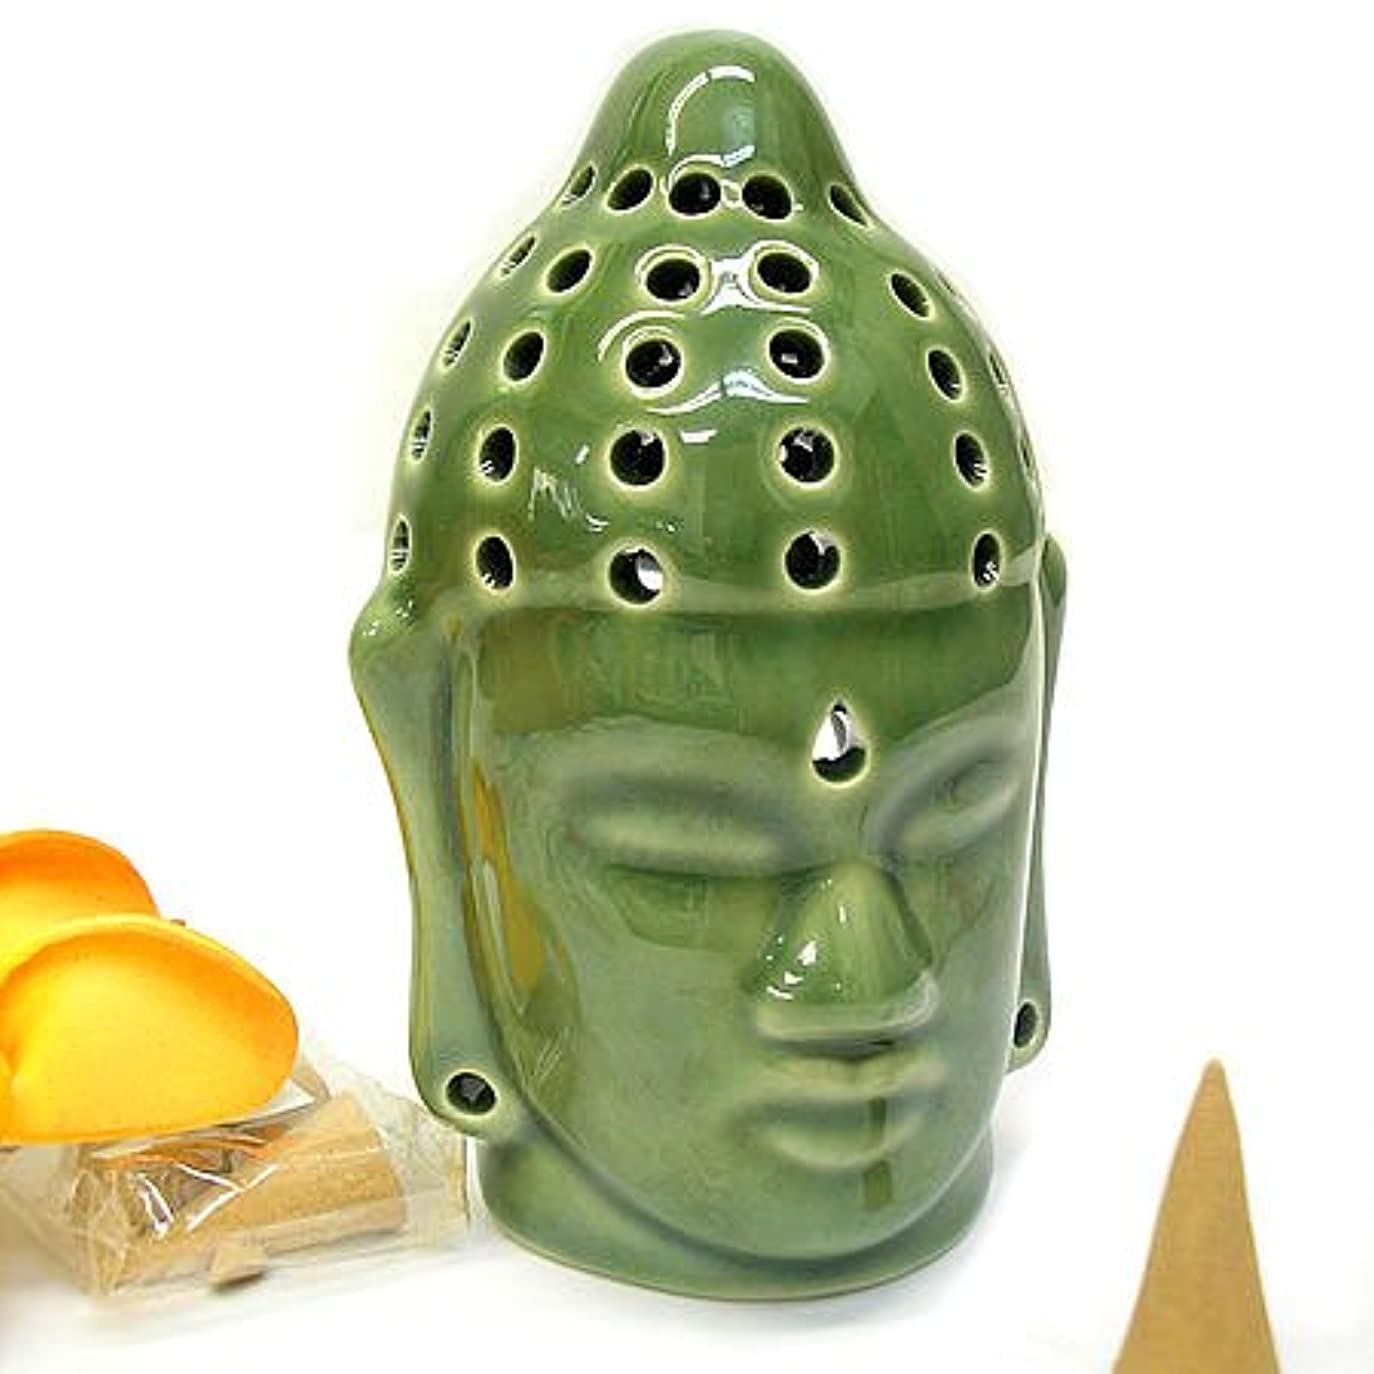 慢な非アクティブ六分儀仏陀の お香たて 香炉 コーン用 緑 インセンスホルダー コーン用 お香立て お香たて アジアン雑貨 バリ雑貨